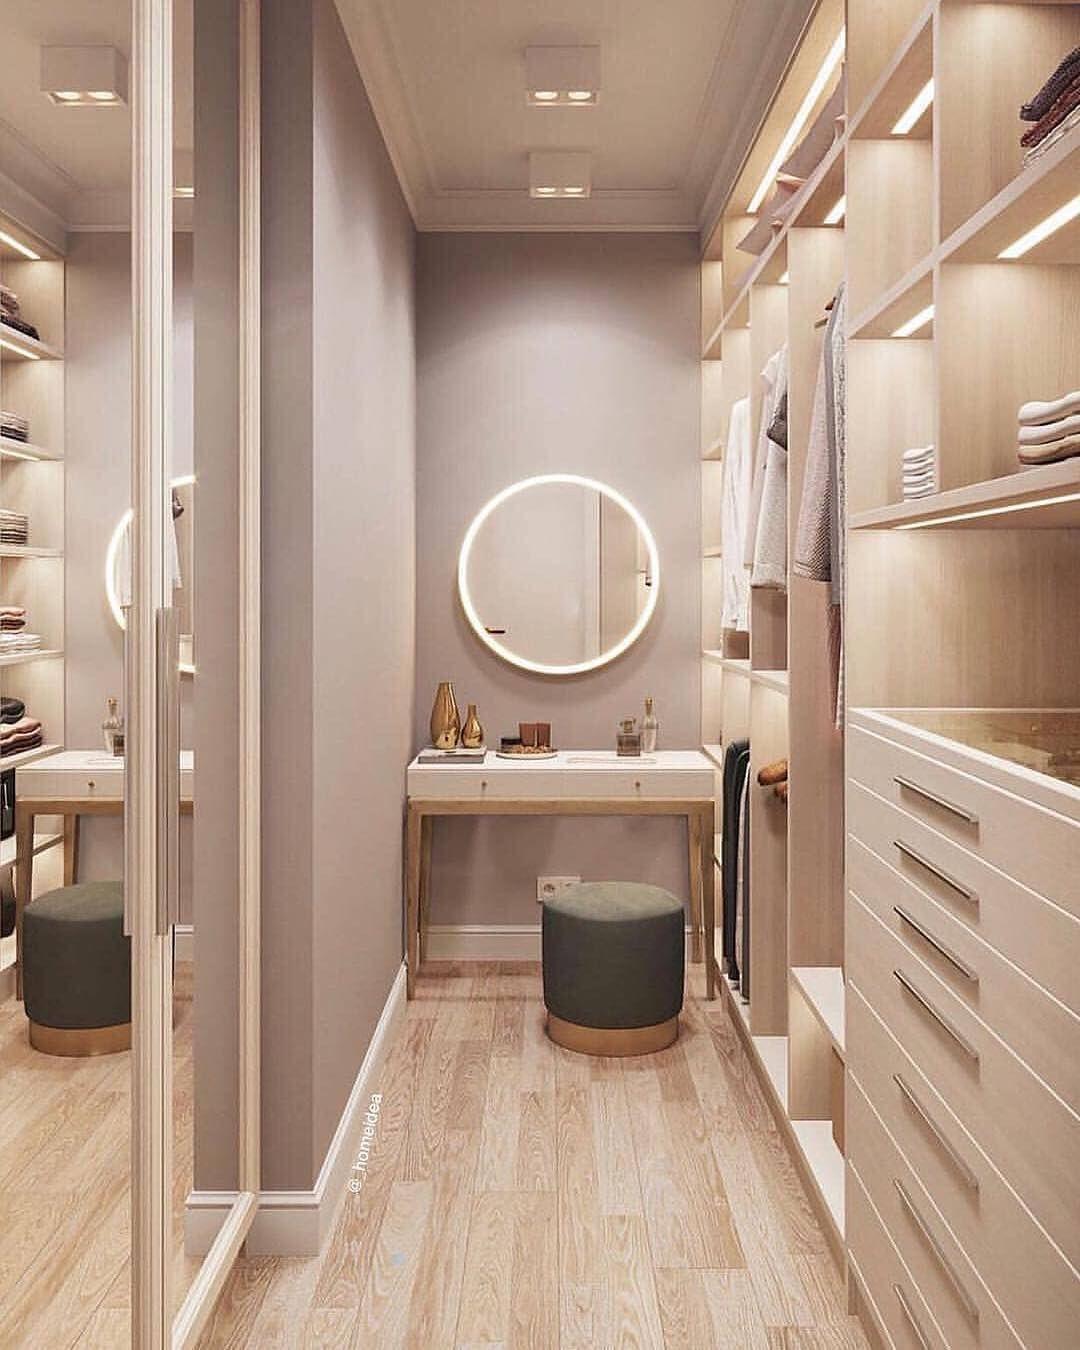 1 960 Curtidas 10 Comentarios Mf Arquitetura Interiores Arqmariaffernanda No Instagram Small Closet Design Dream Closet Design Walk In Closet Small